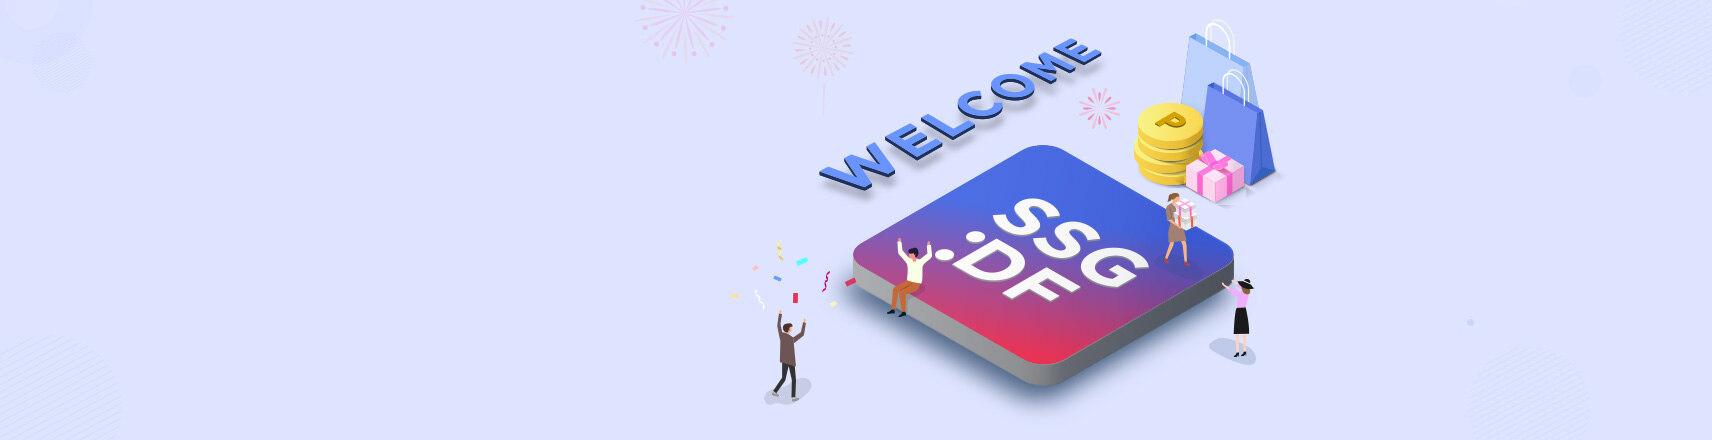 欢迎加入新世界